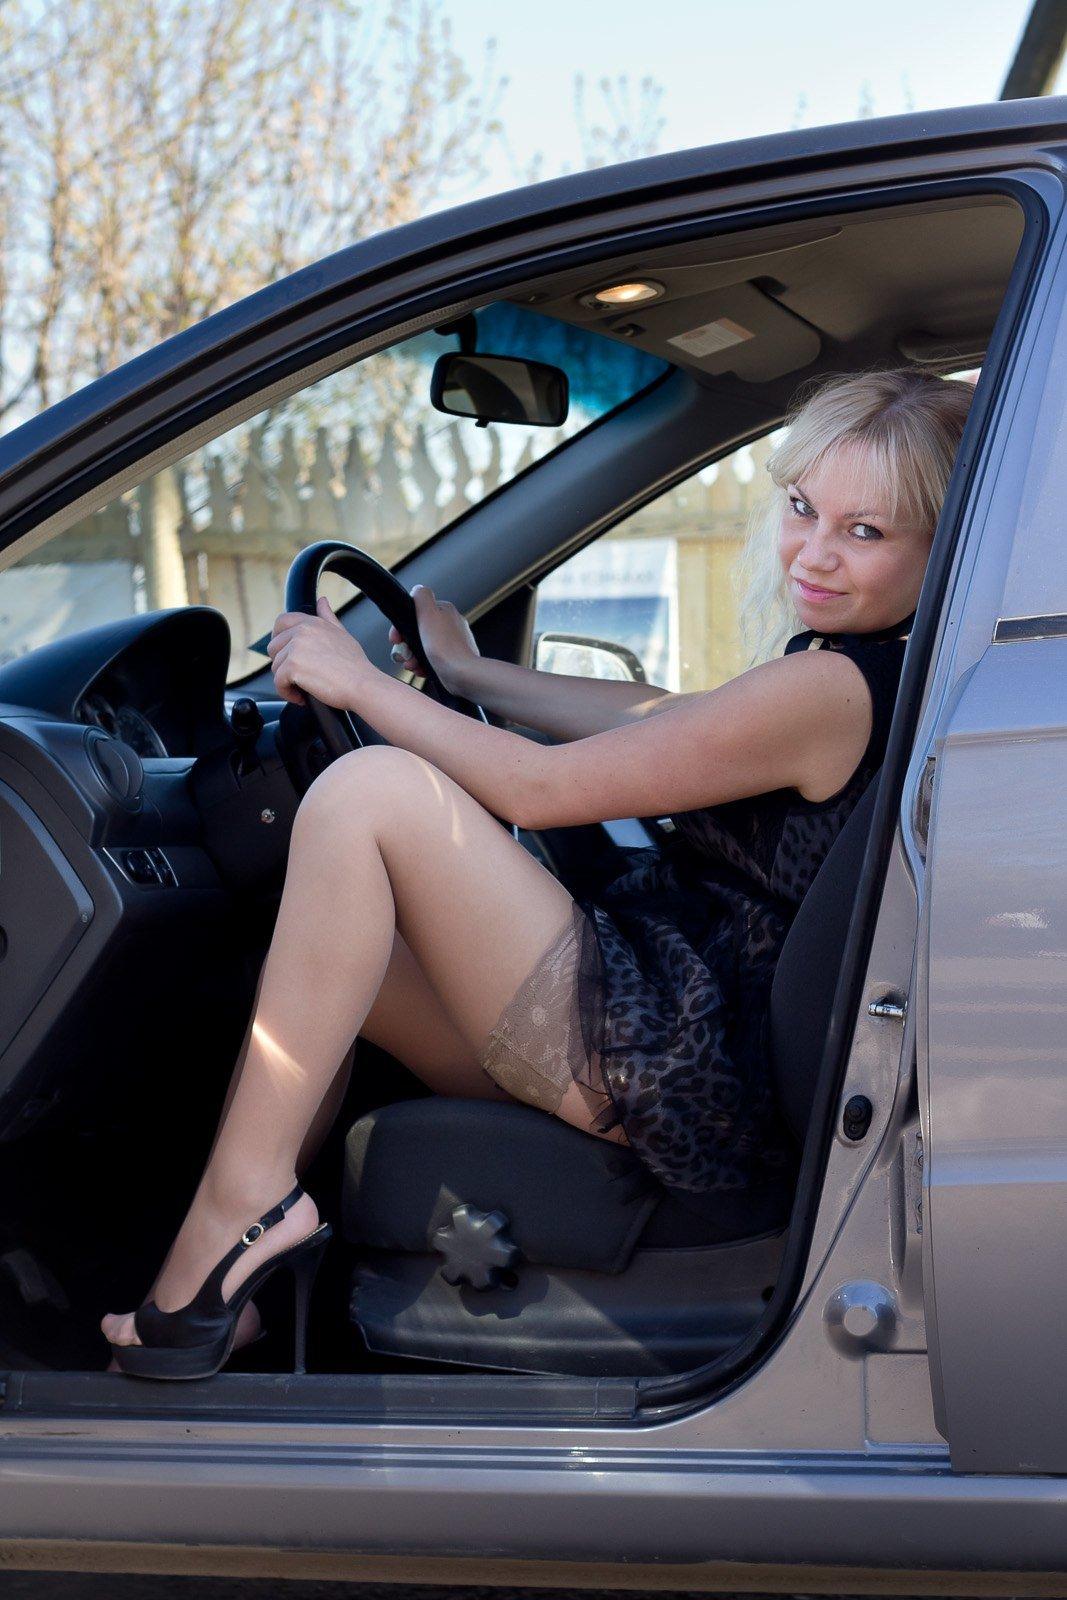 Фото зрелых женщин в чулках на фоне авто, порно фильм онлайн новый